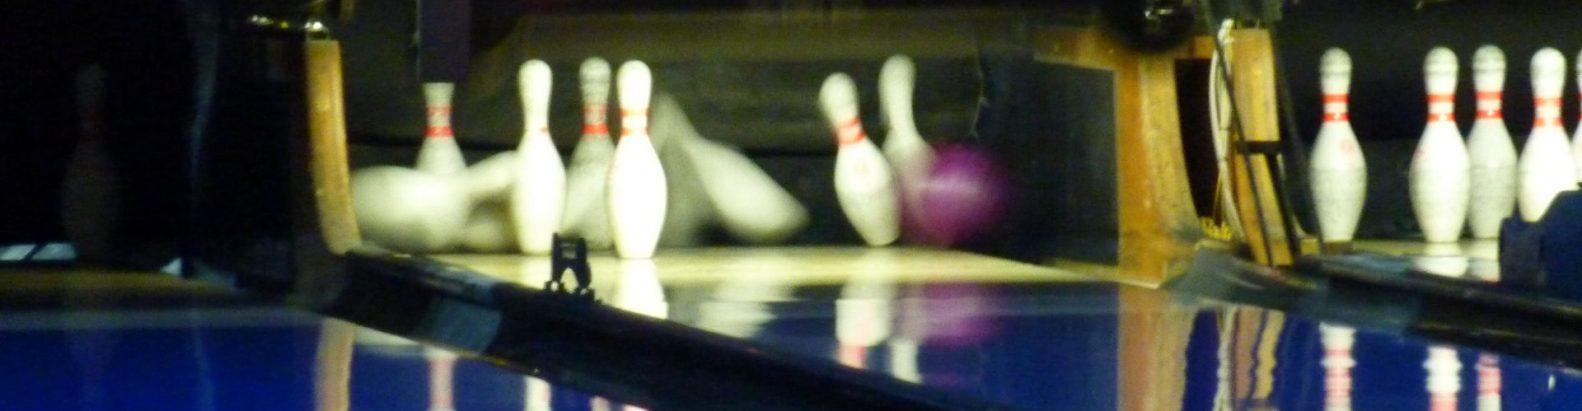 23.02.2018 Strike, Spare, Split und Gutterbälle beim Bowling Club 2.0-Abend